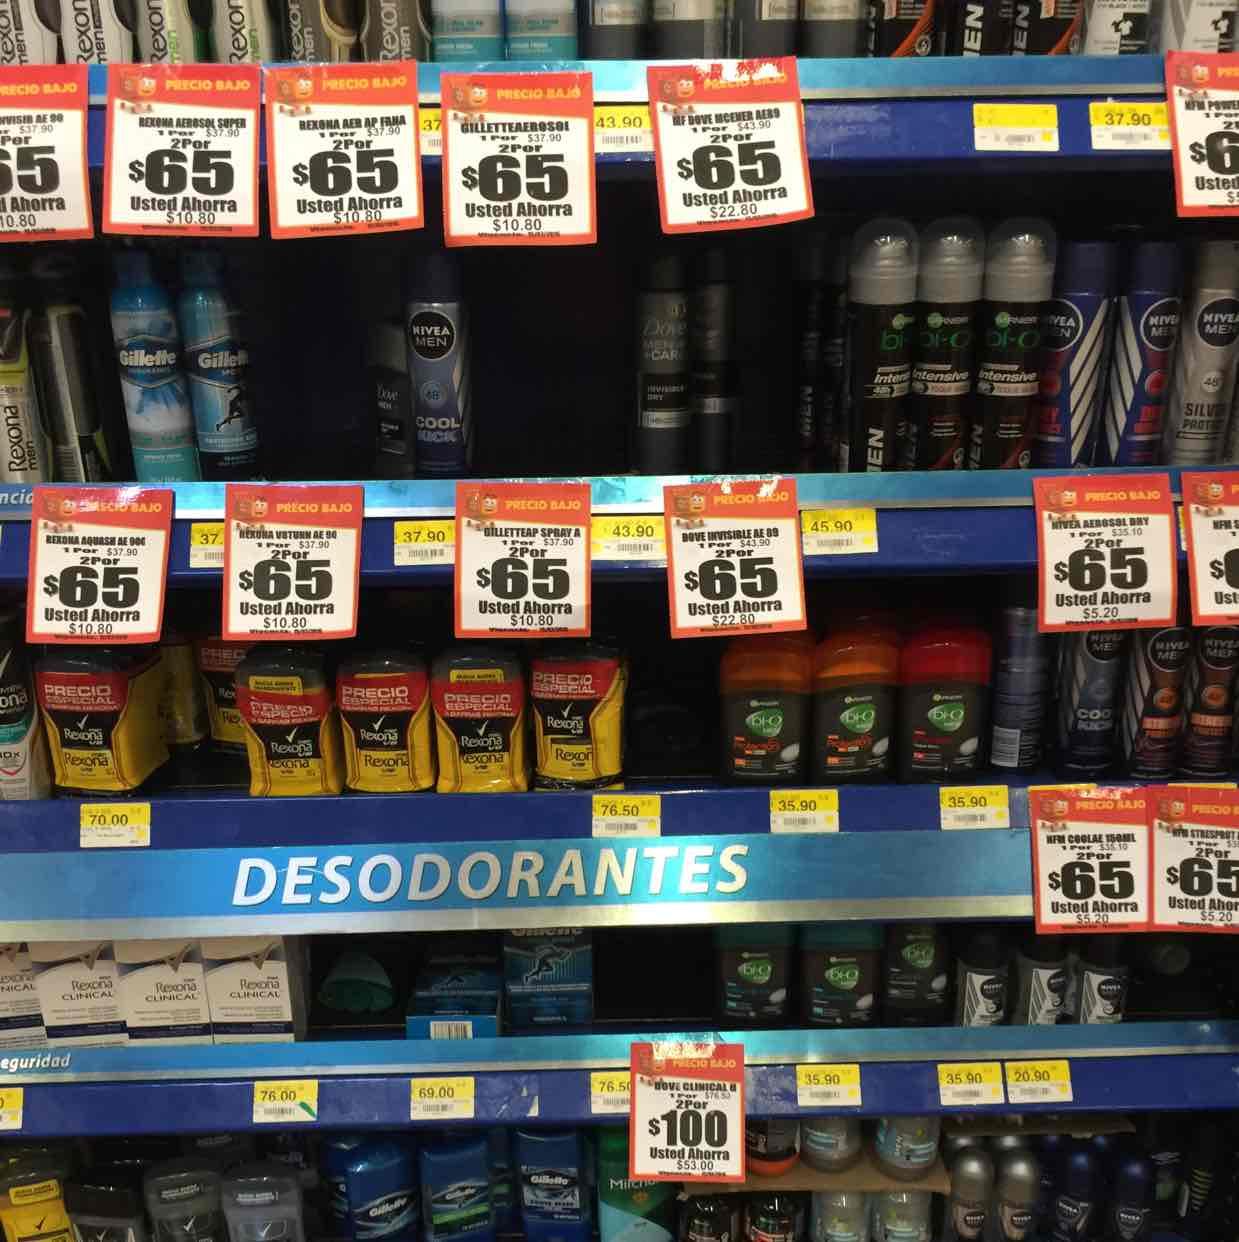 Walmart: Desodorantes en descuento en la compra de 2pzs